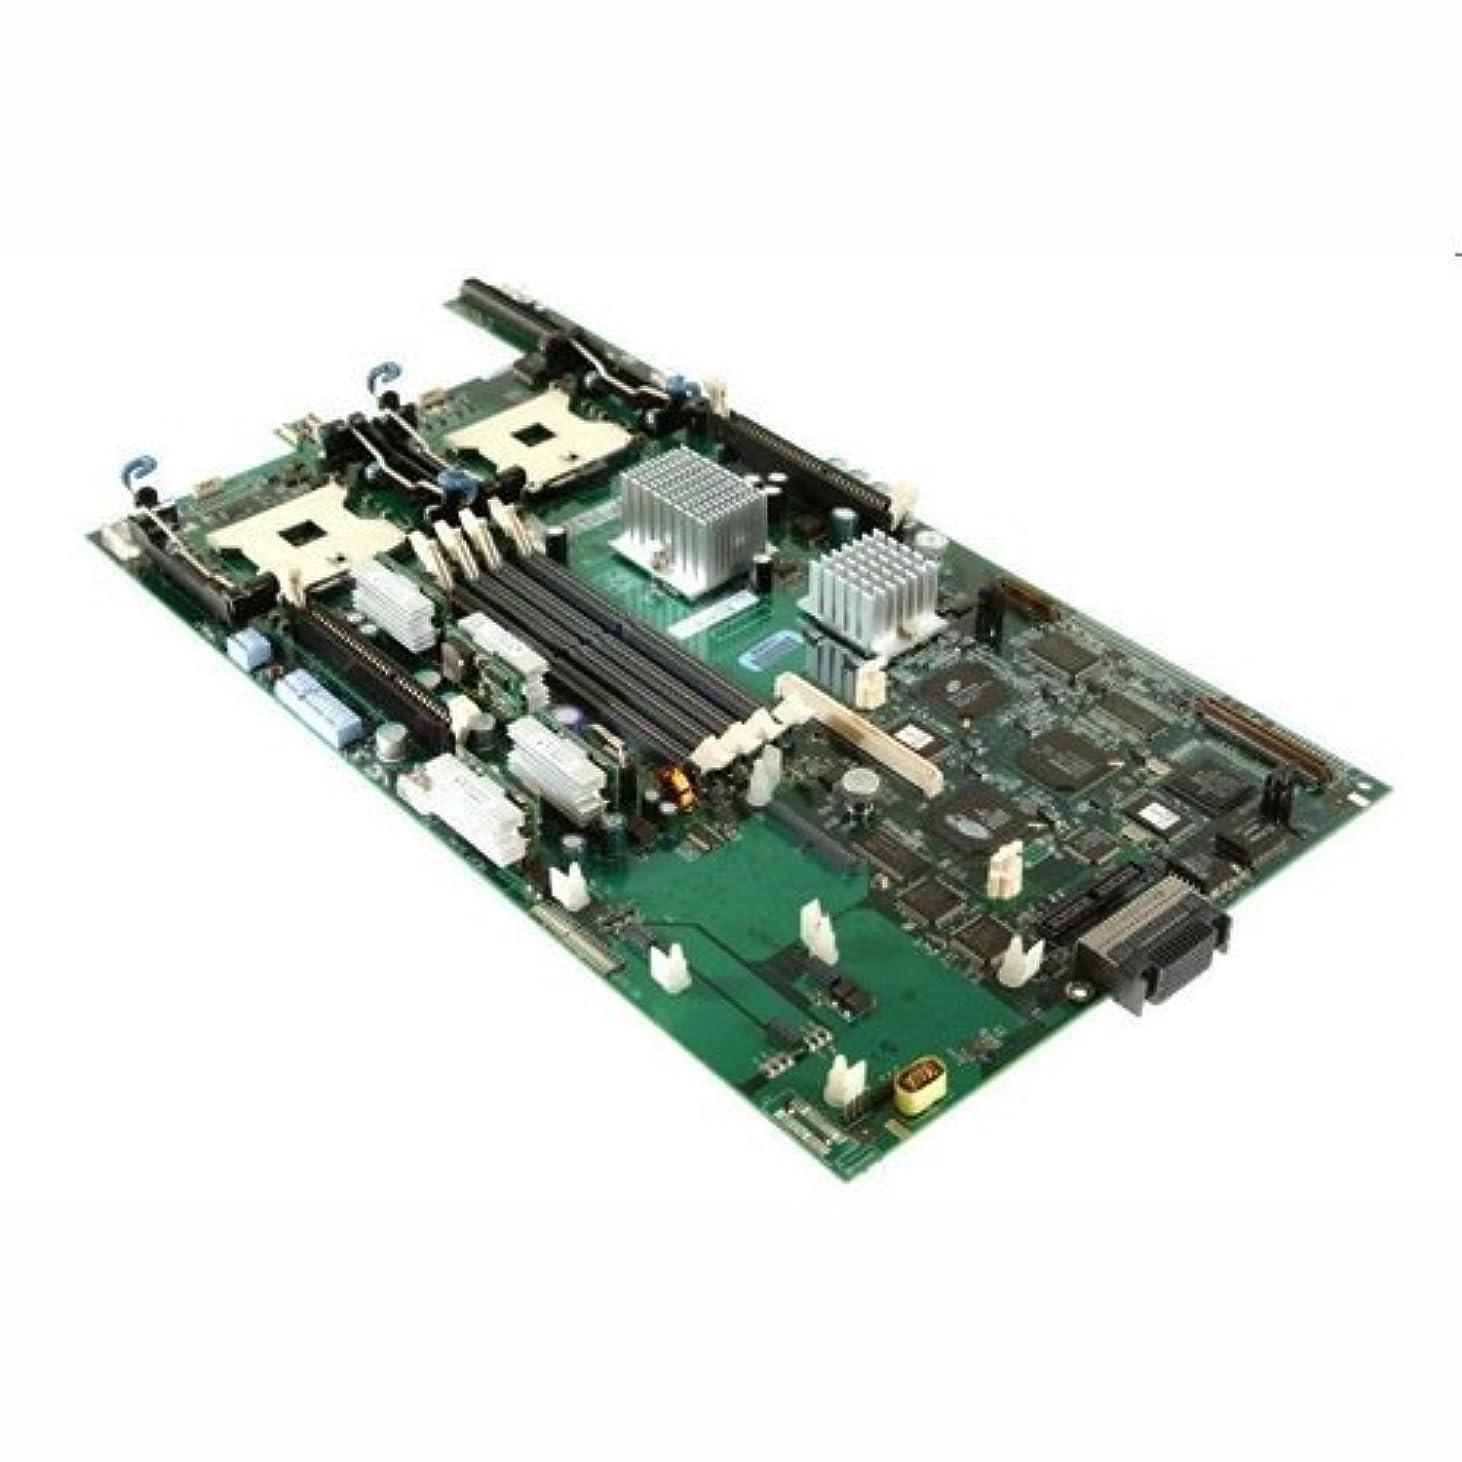 サーカス伝記伝導率HP 305312-001 システム I/O ボード BL20p G2 サーバーブレード